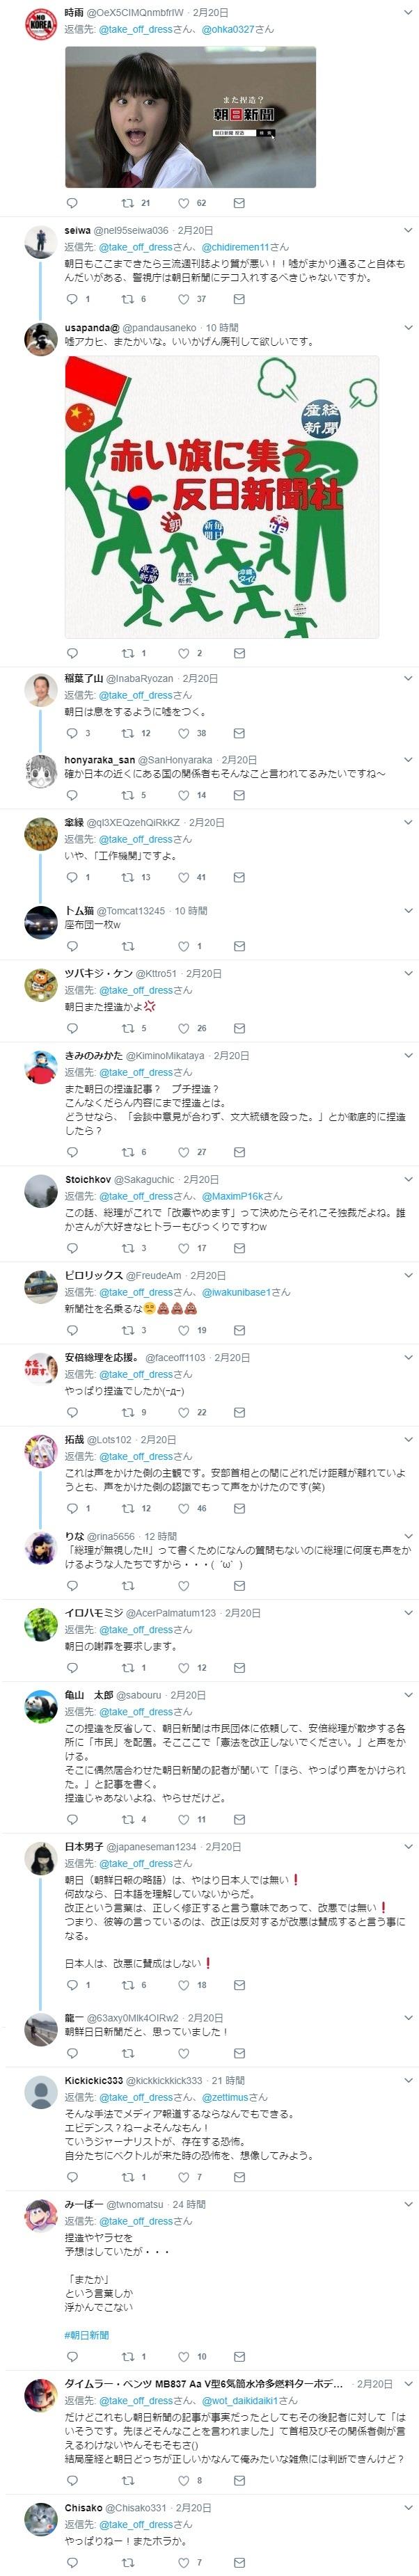 チョウニチ新聞がまた捏造記事6